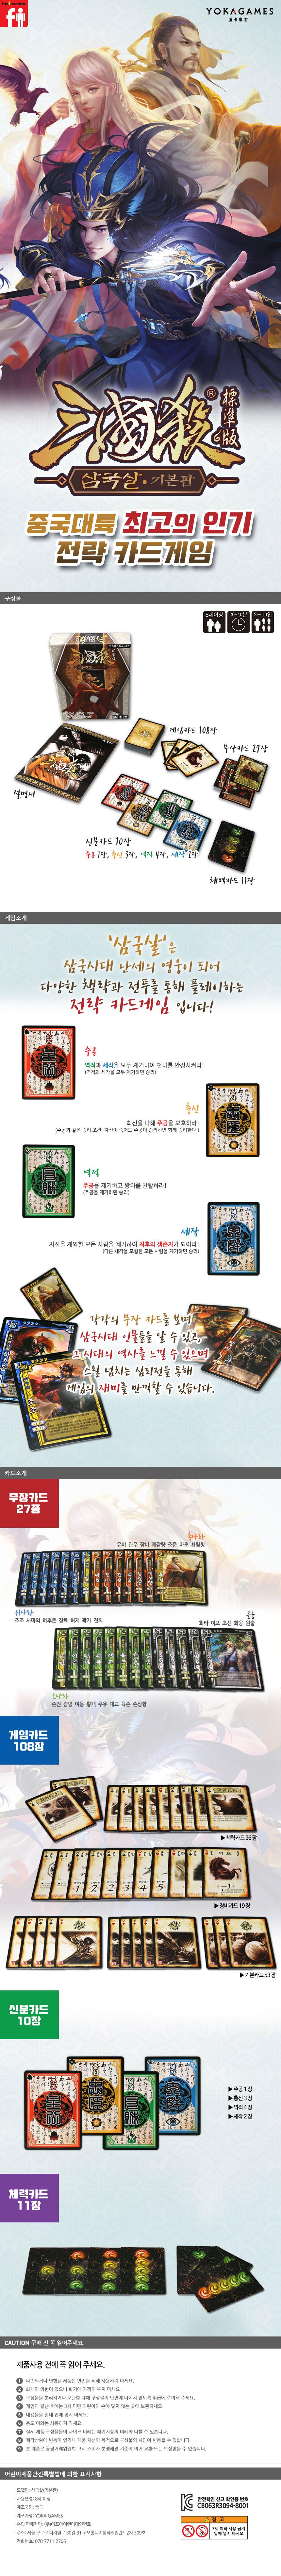 삼국살/보드게임 - 피에스컴퍼니, 25,000원, 보드게임, 두뇌 게임